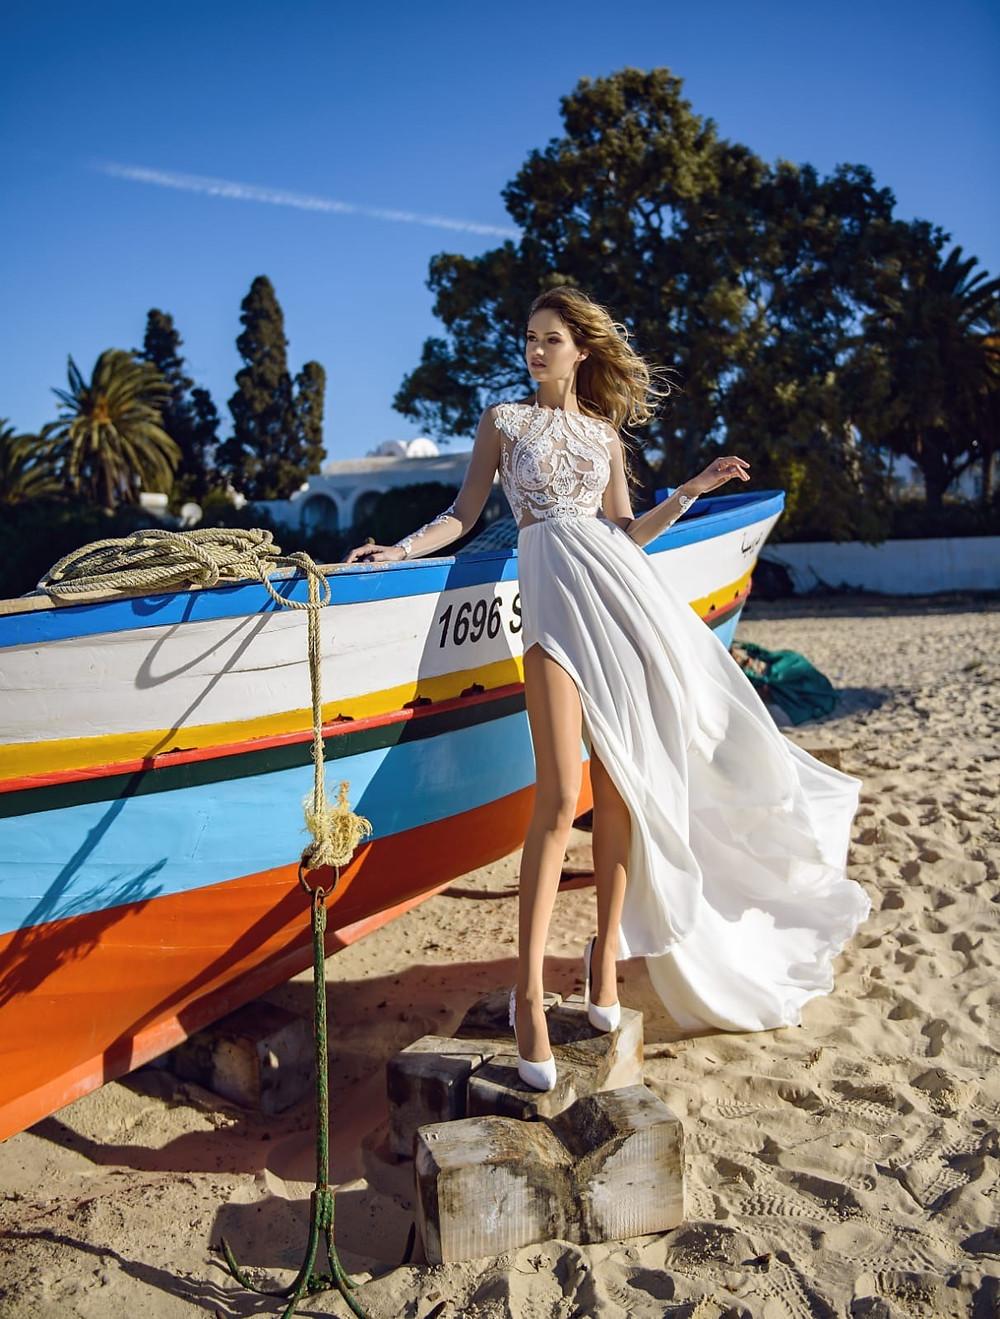 rochii de mireasa lux, rochii de mireasa eden bride, rochii de mireasa bucuresti, rochii de mireasa plaja